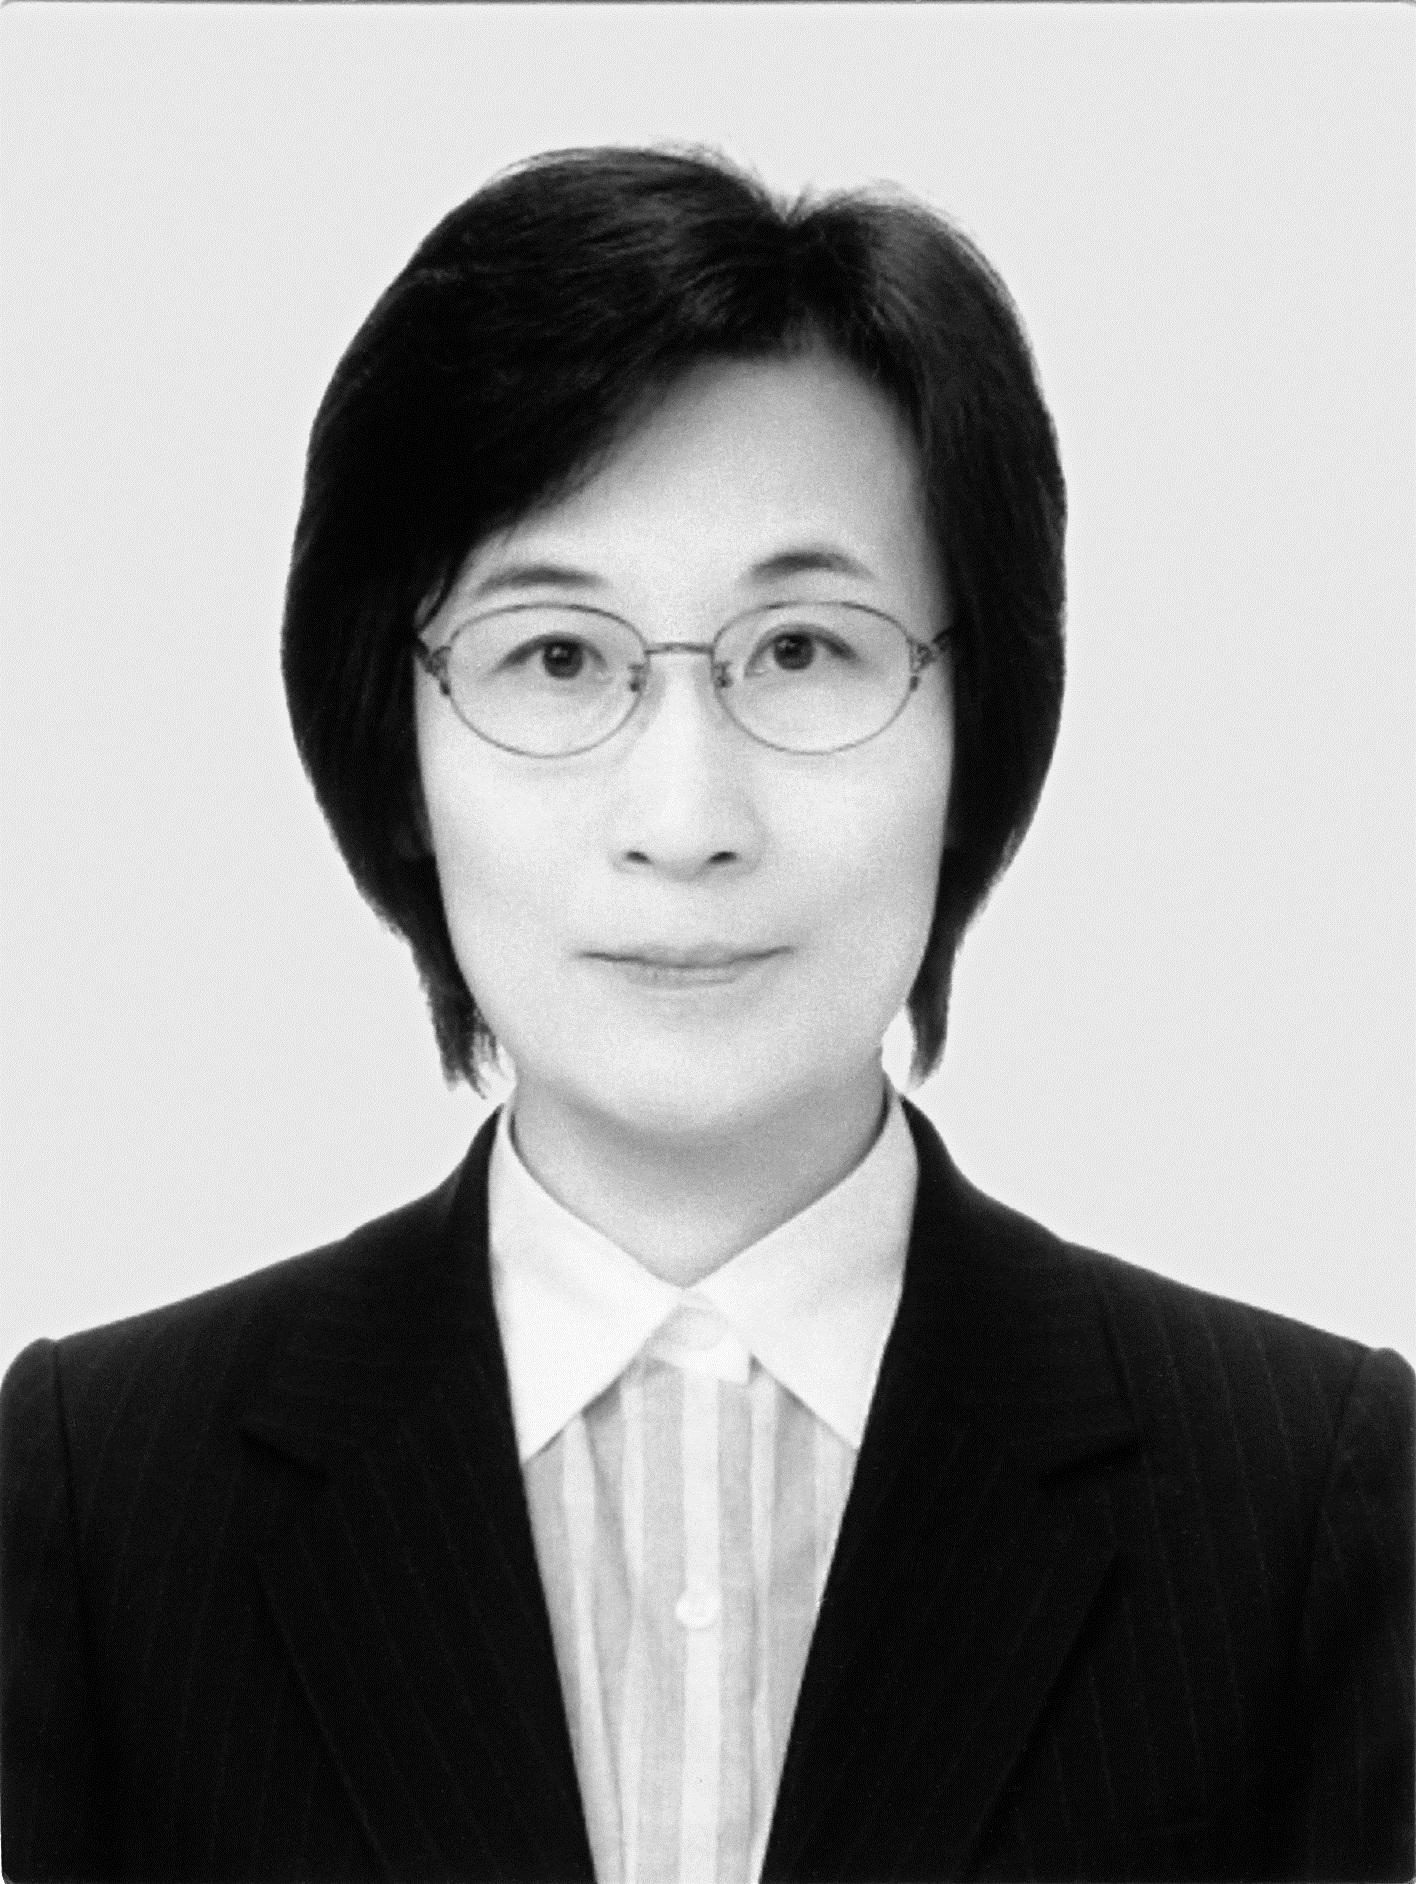 研究者詳細 - 内藤 恵